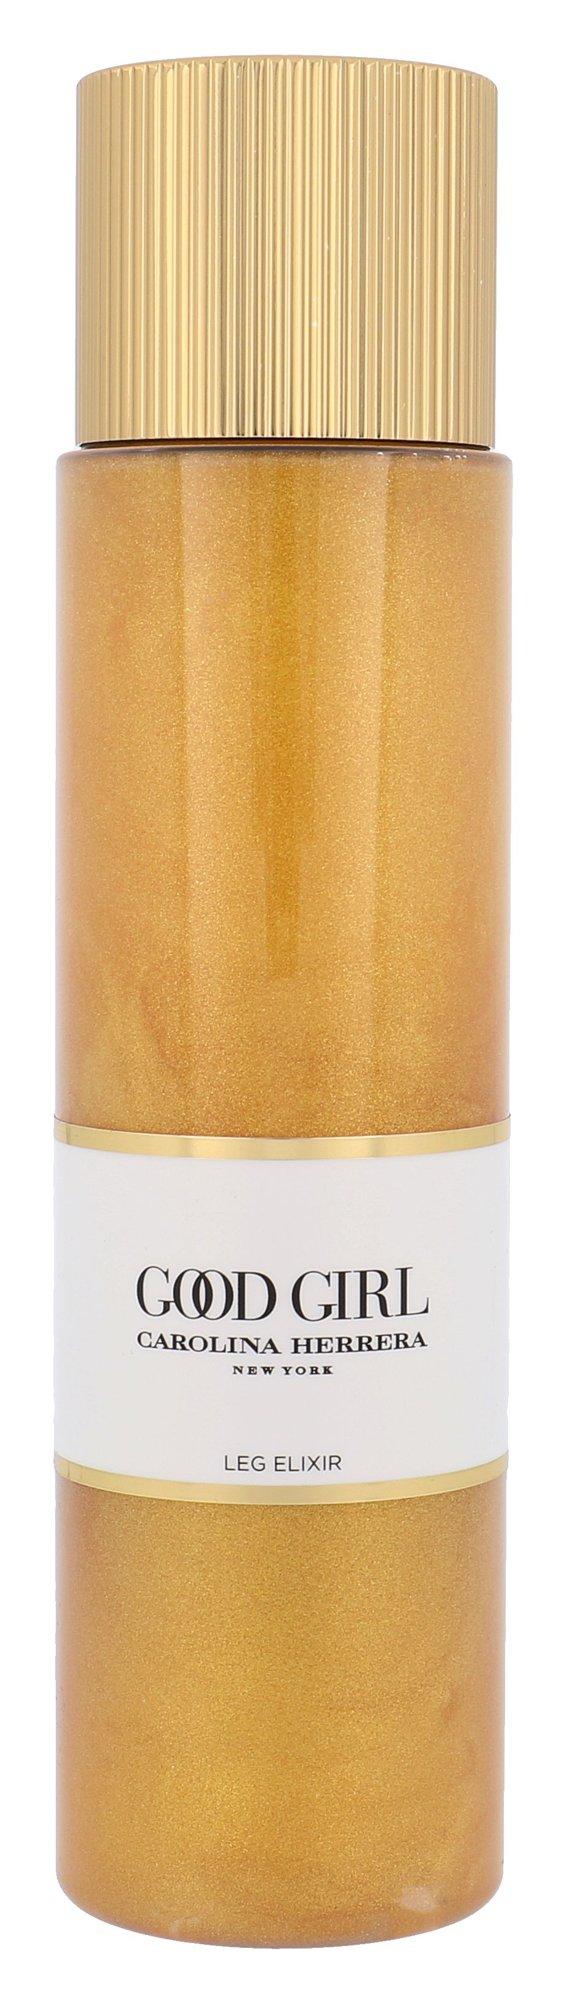 Carolina Herrera Good Girl Parfémovaný olej na nohy 200ml